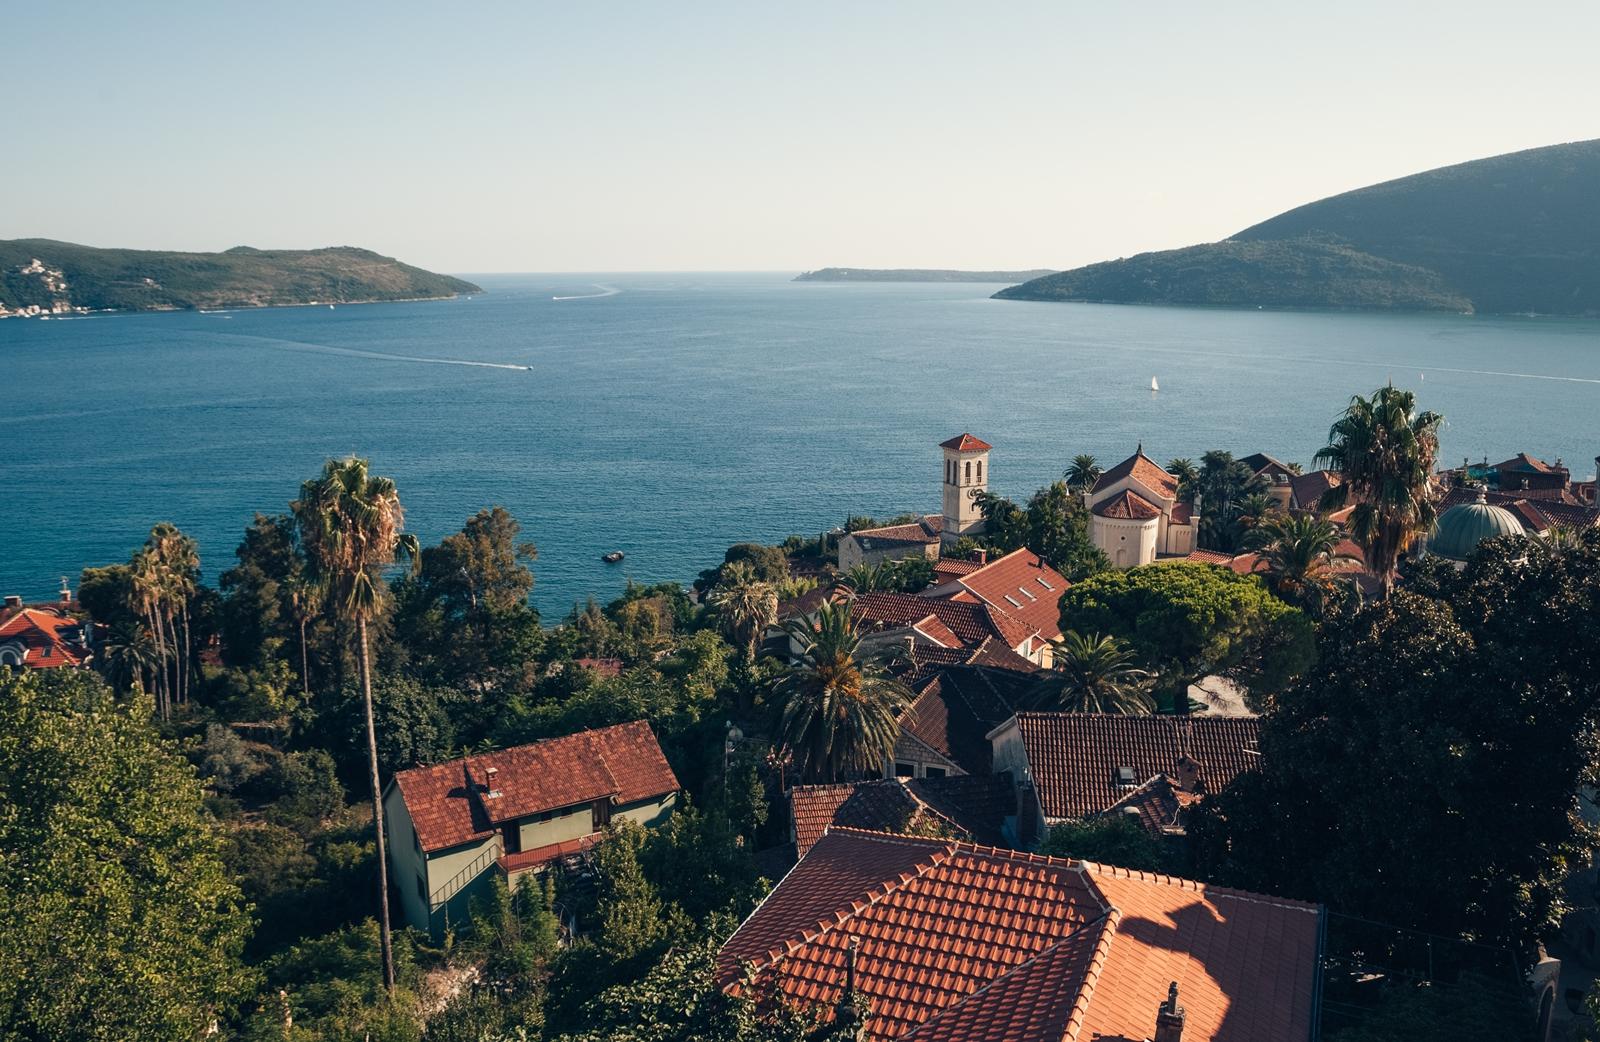 Ein (noch) nahezu unberührtes Stück Erde in Europa: Die Balkanhalbinsel Montenegro